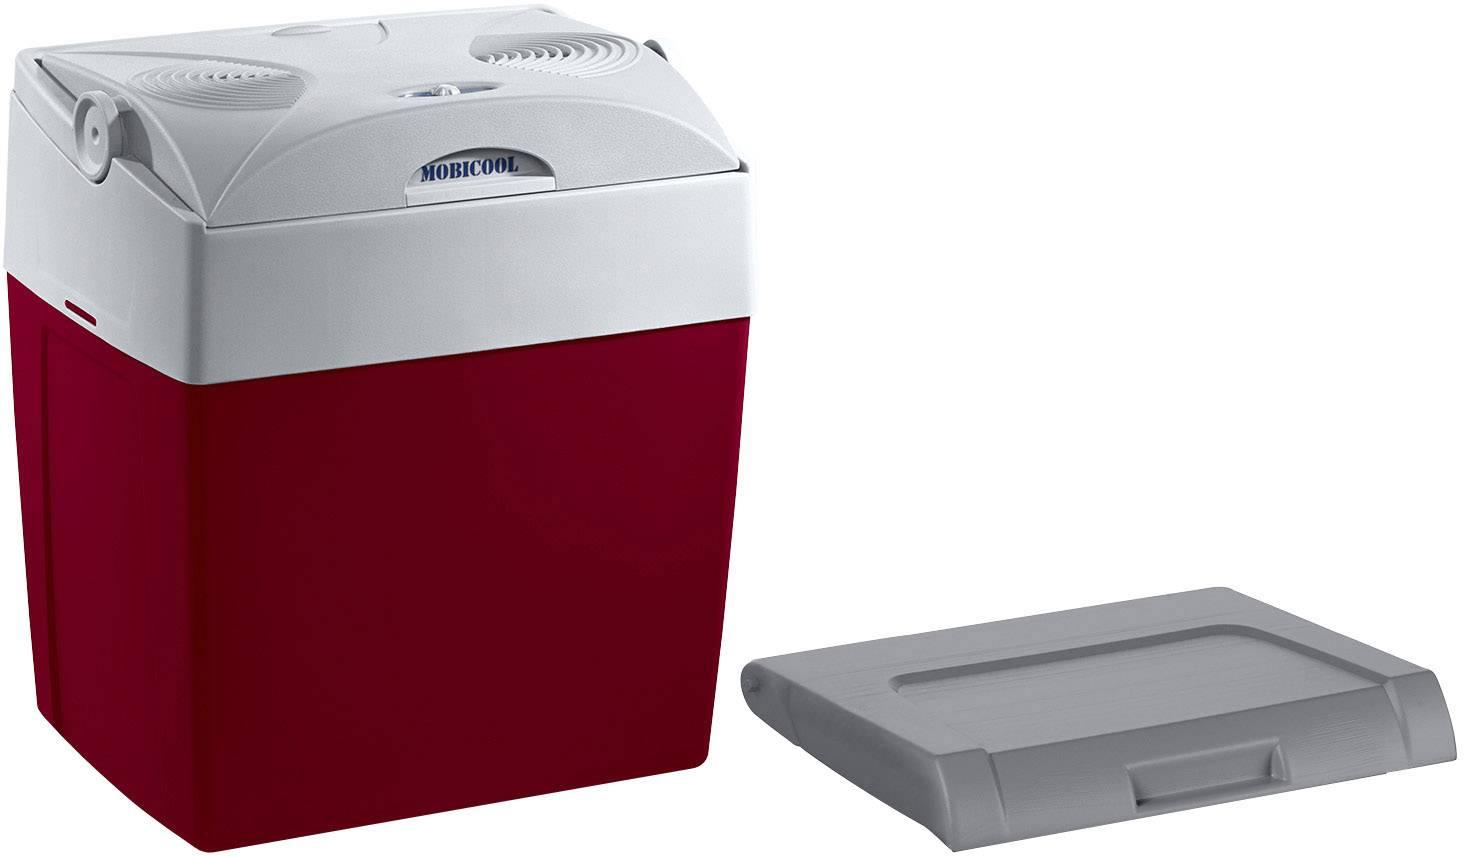 Přenosná lednice (autochladnička) MobiCool V30 12/230 12 V, 230 V červená 29 l A++